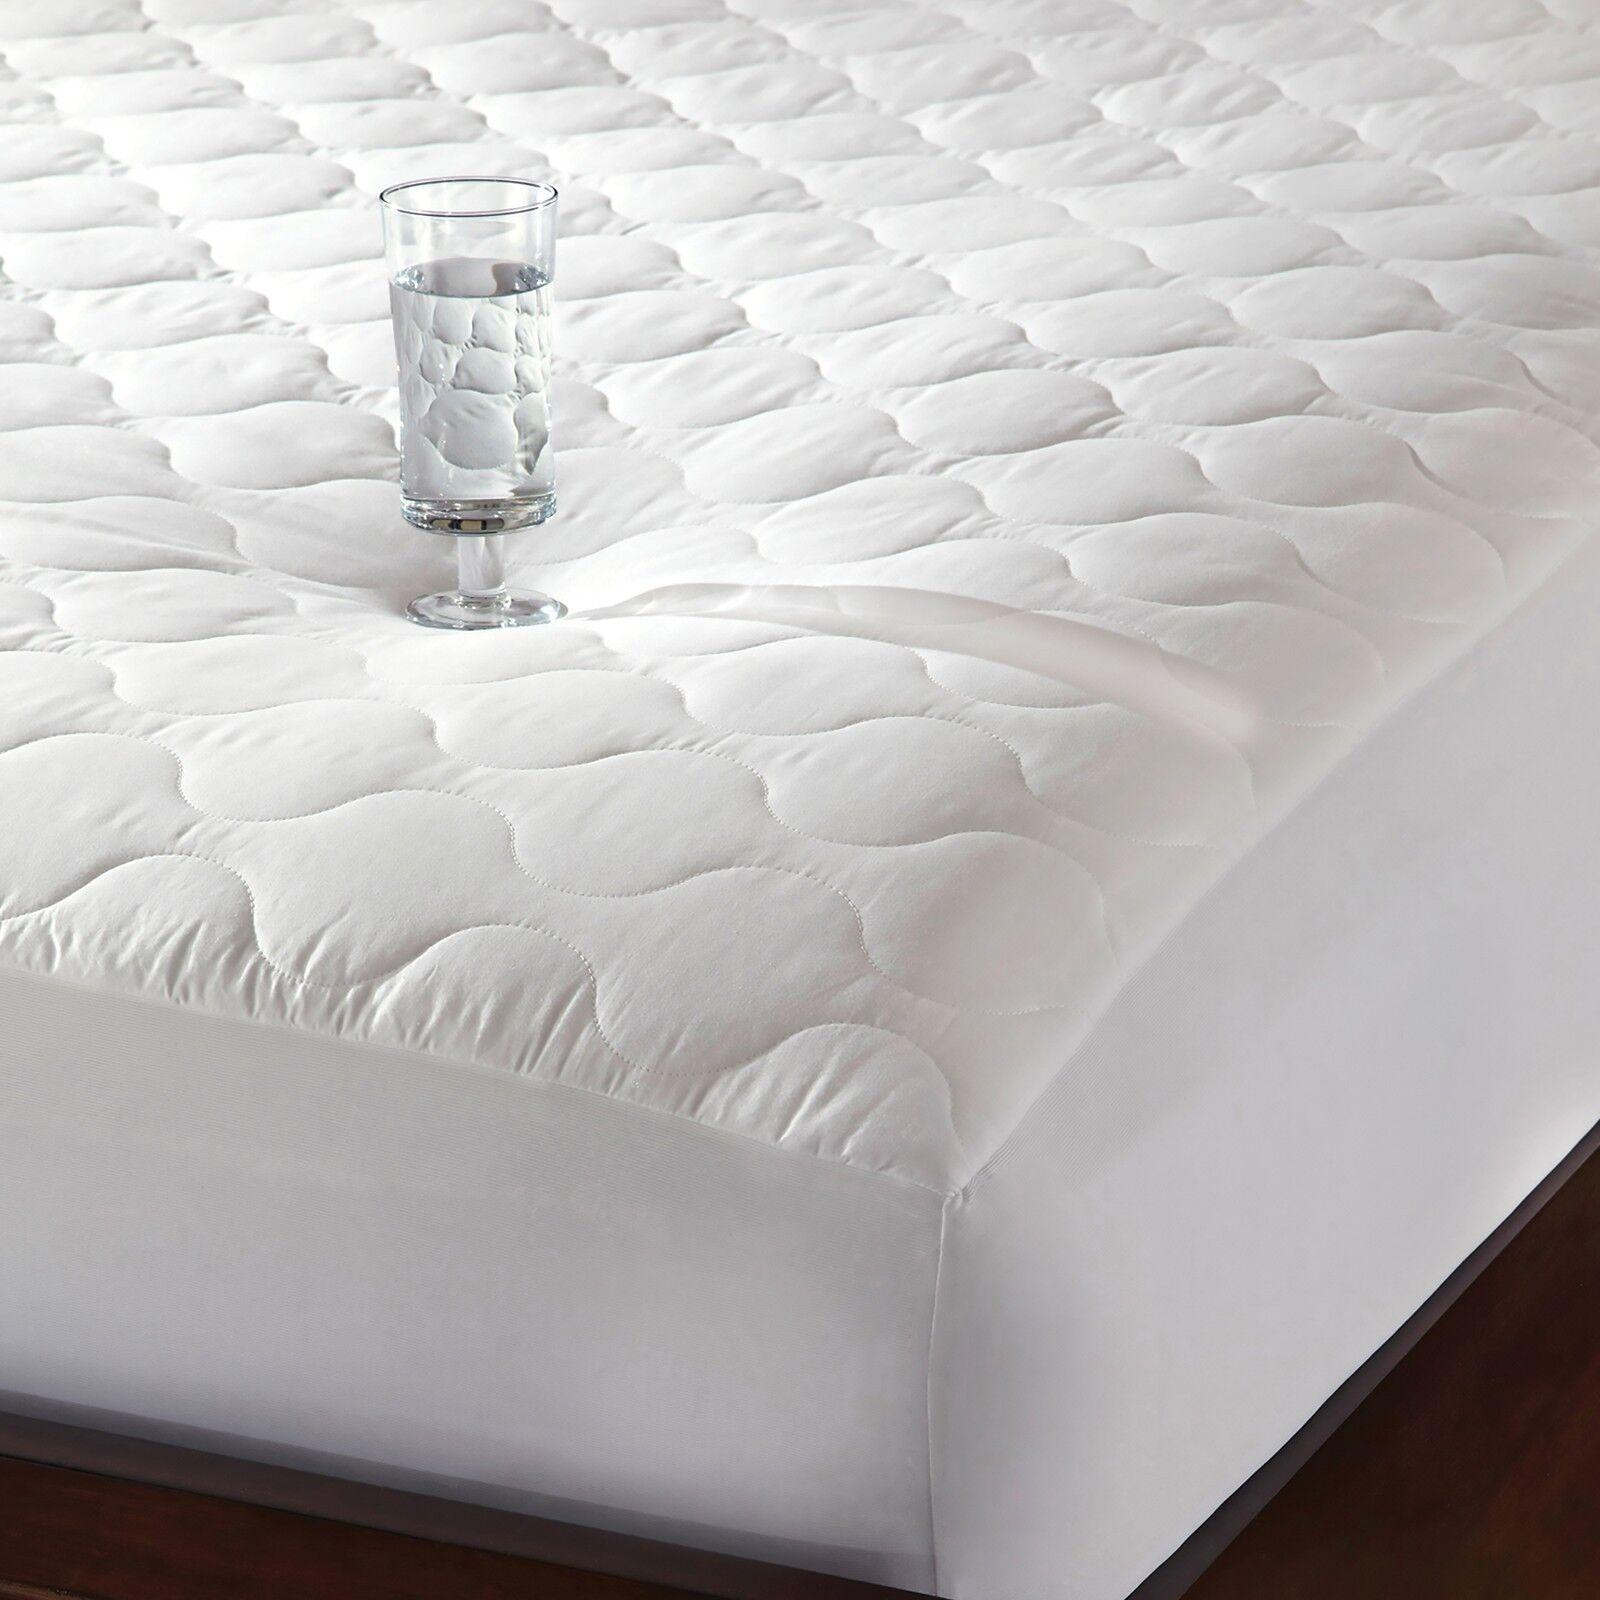 100%Cotton Quiet Waterproof Mattress Pad Mattress Protector Hypoallergenic Cal K